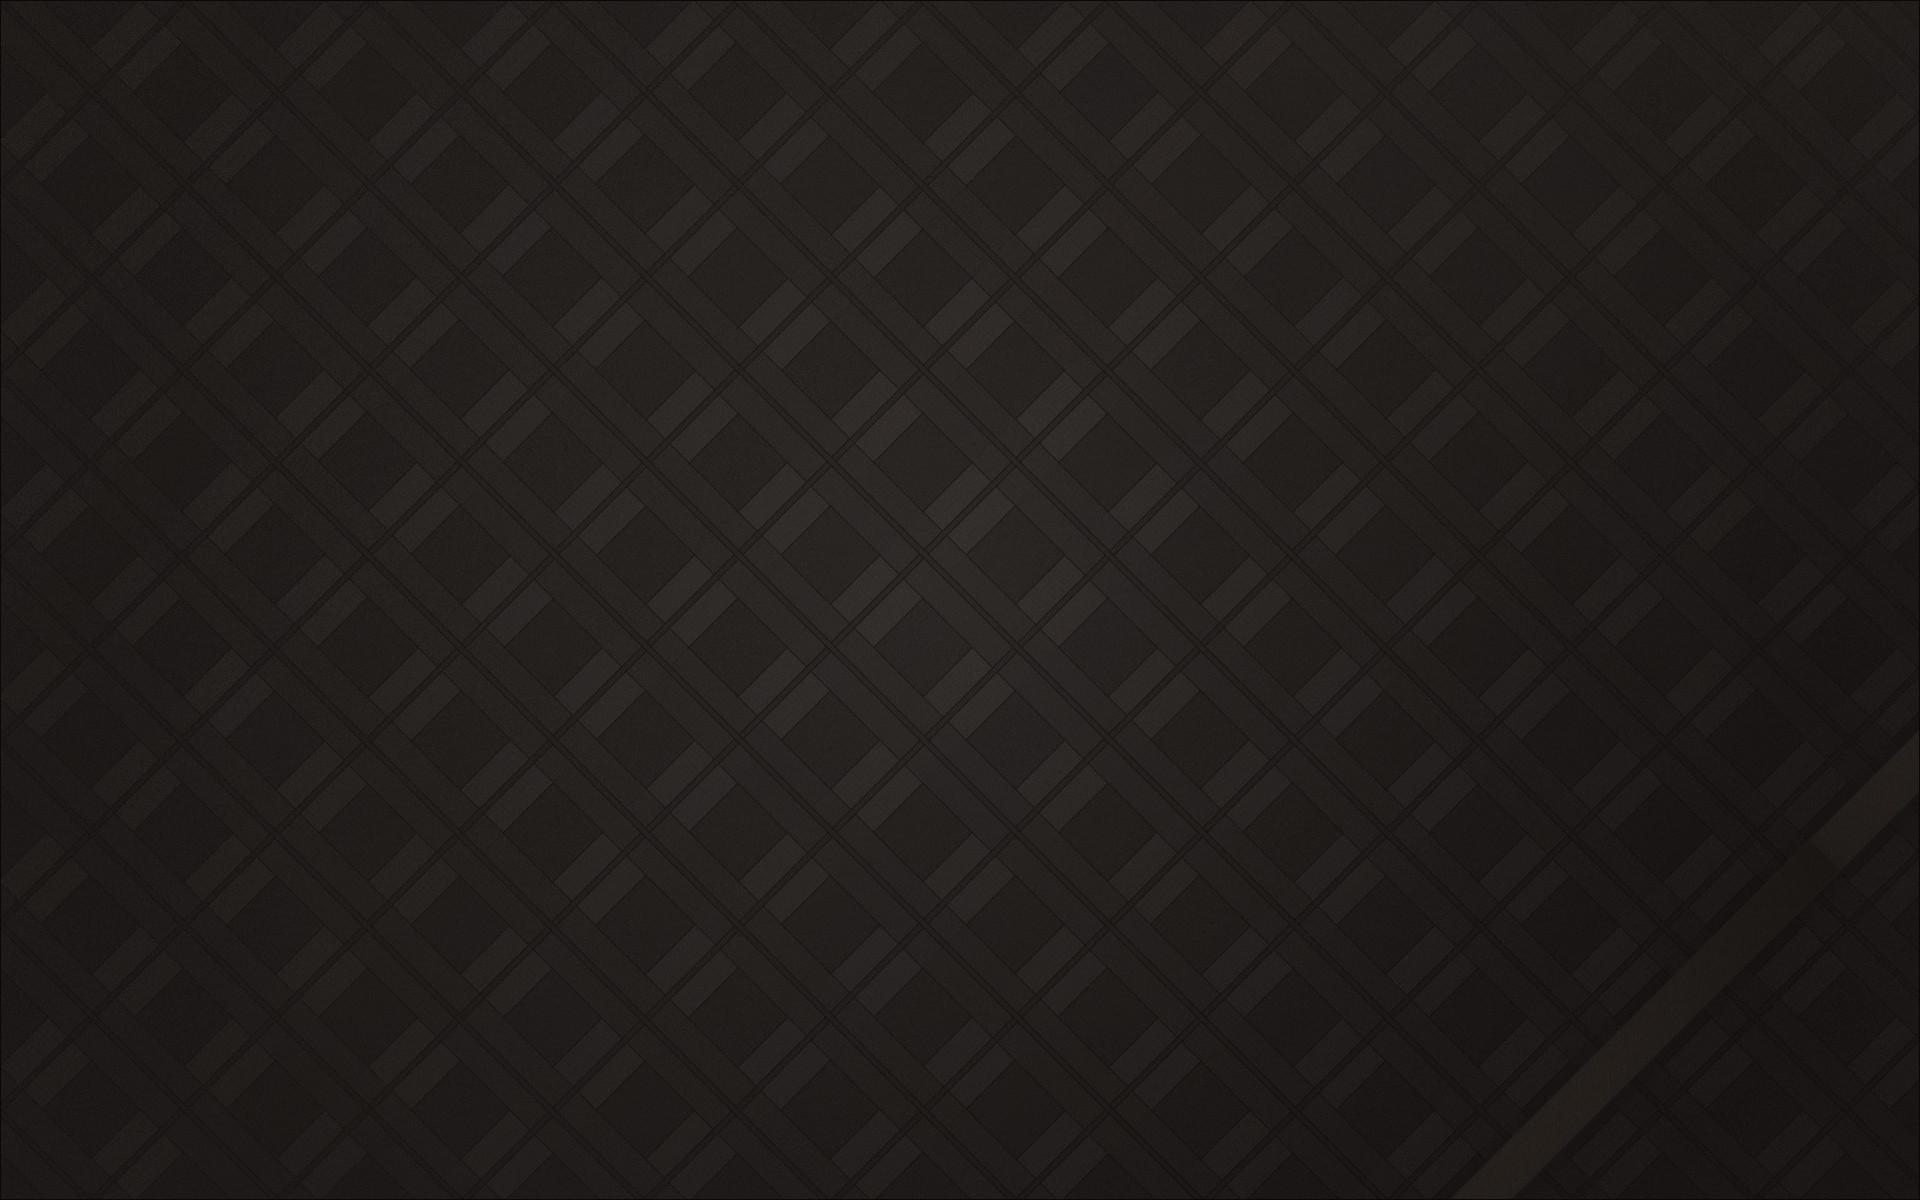 Solid Dark Grey Wallpaper, Best Solid Dark Grey Wallpapers, Wide 1920×1200